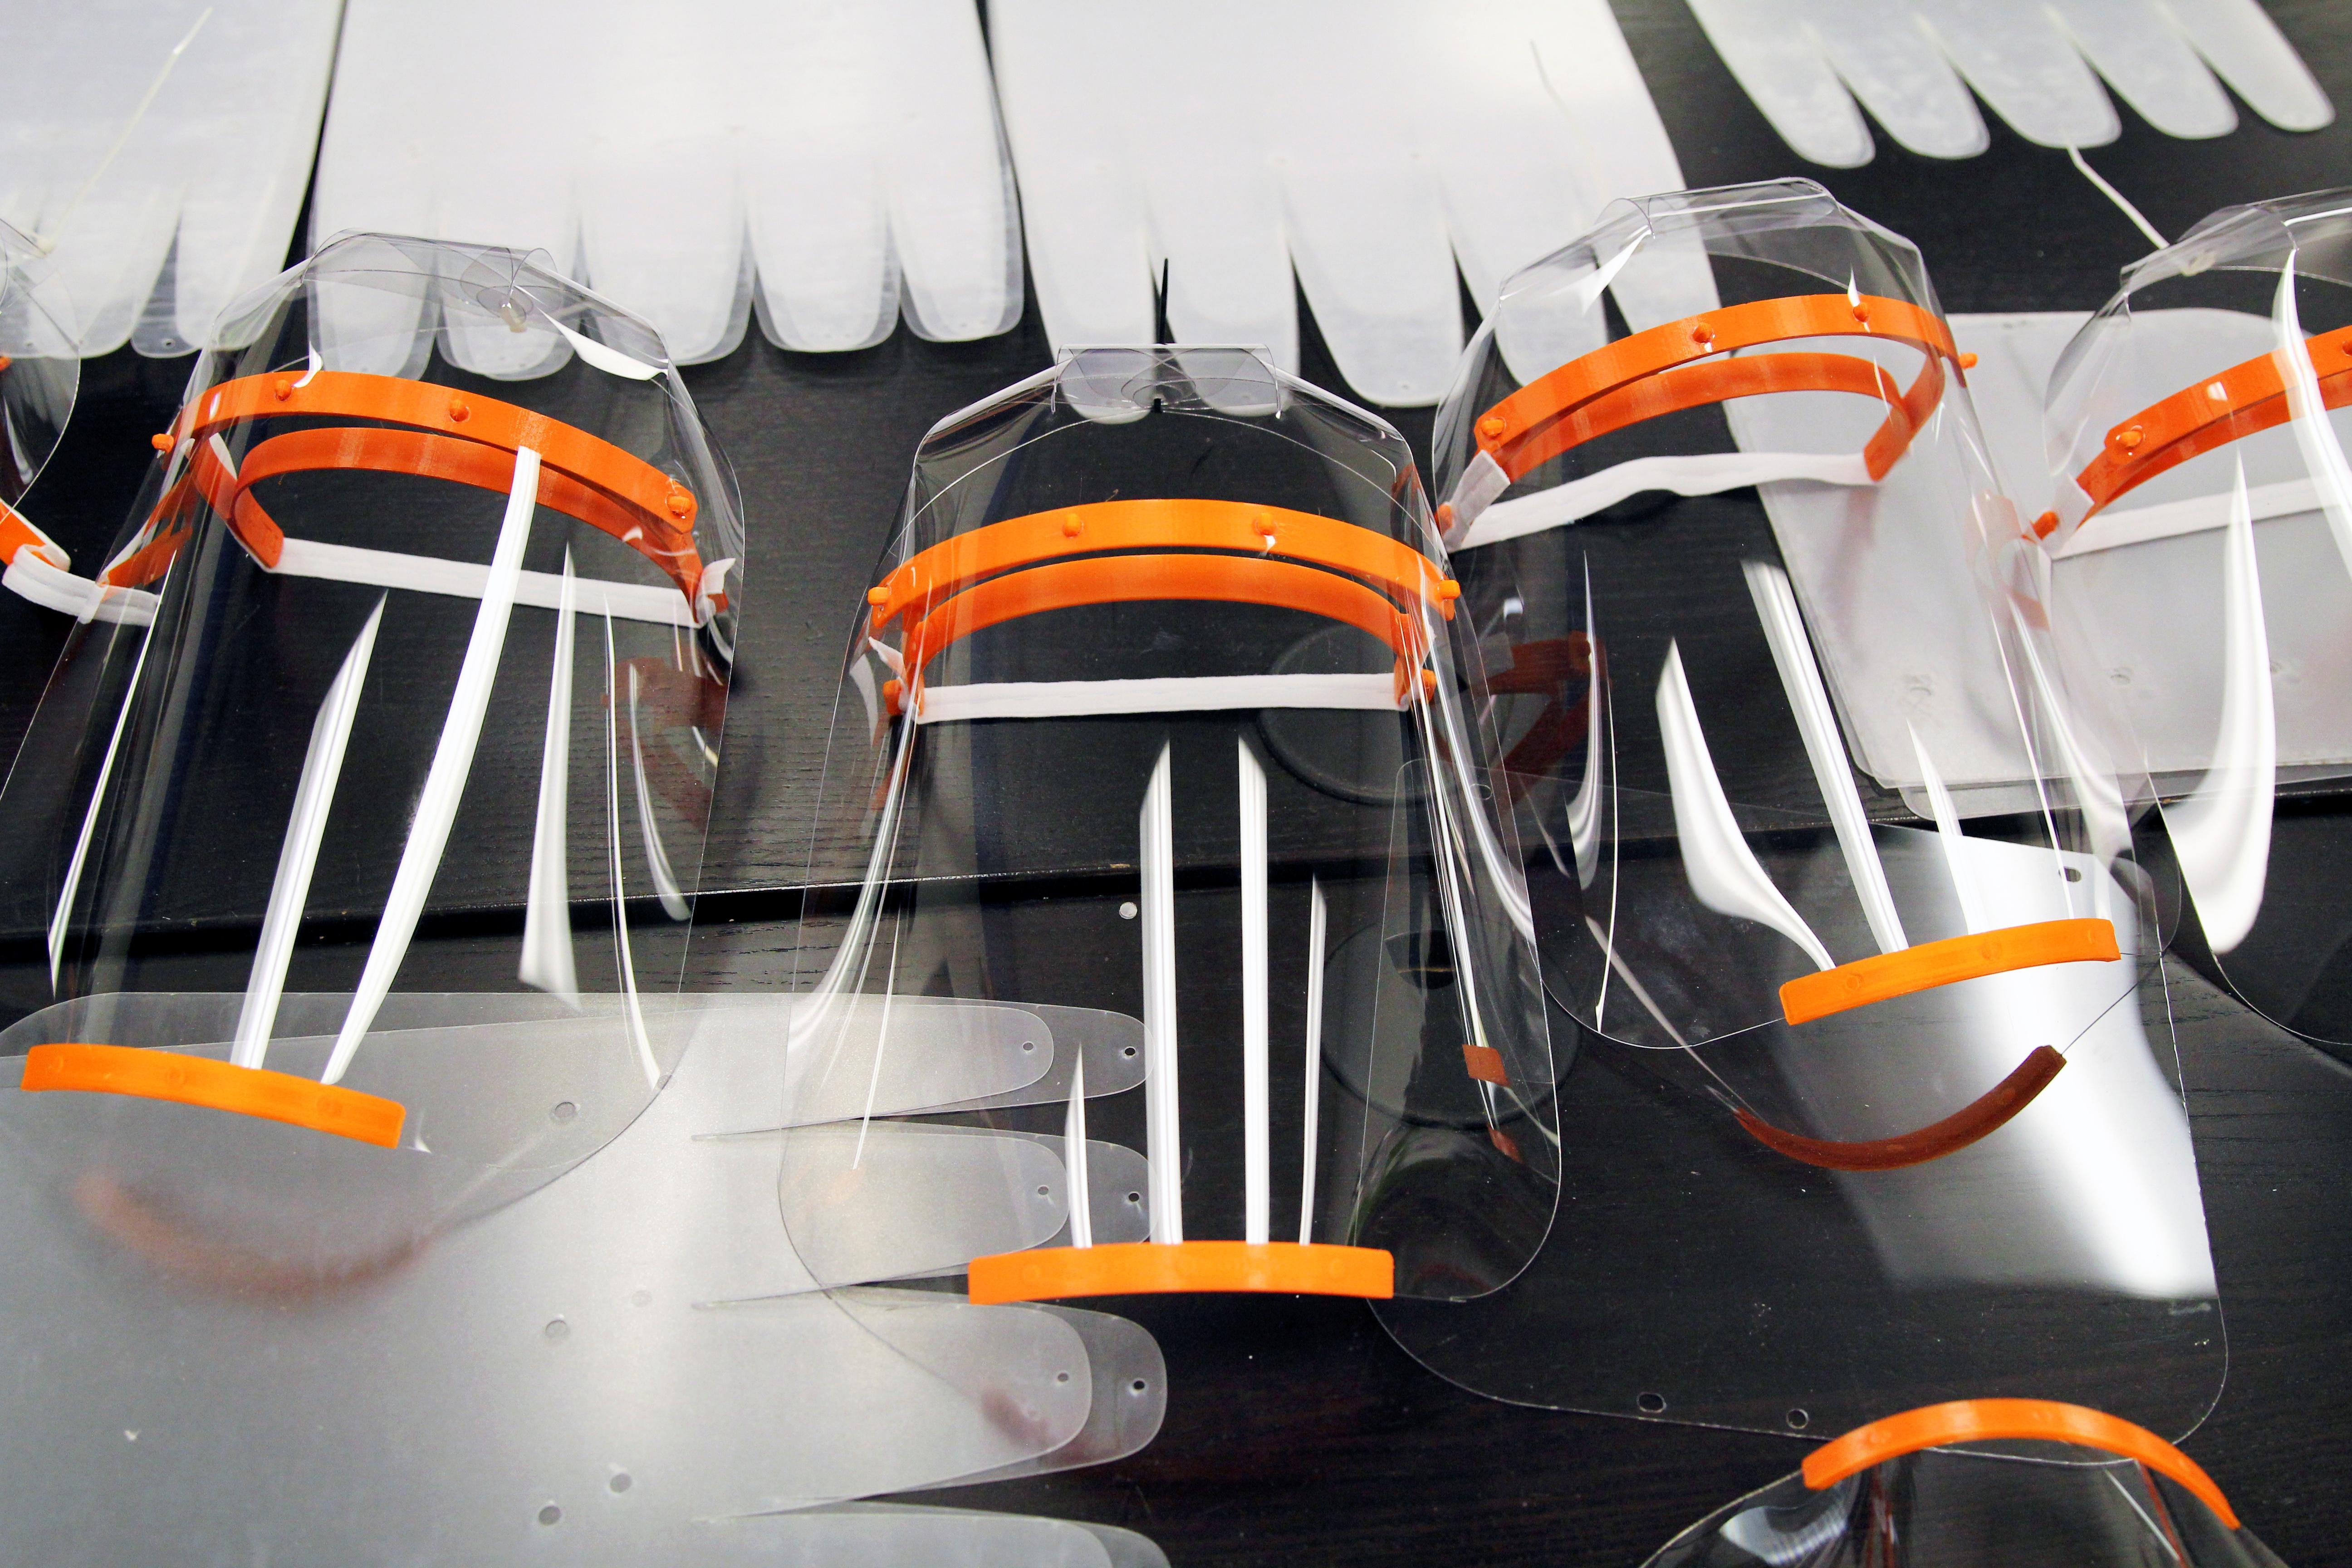 Les imprimantes 3D forgent des écrans faciaux pour lutter contre le coronavirus